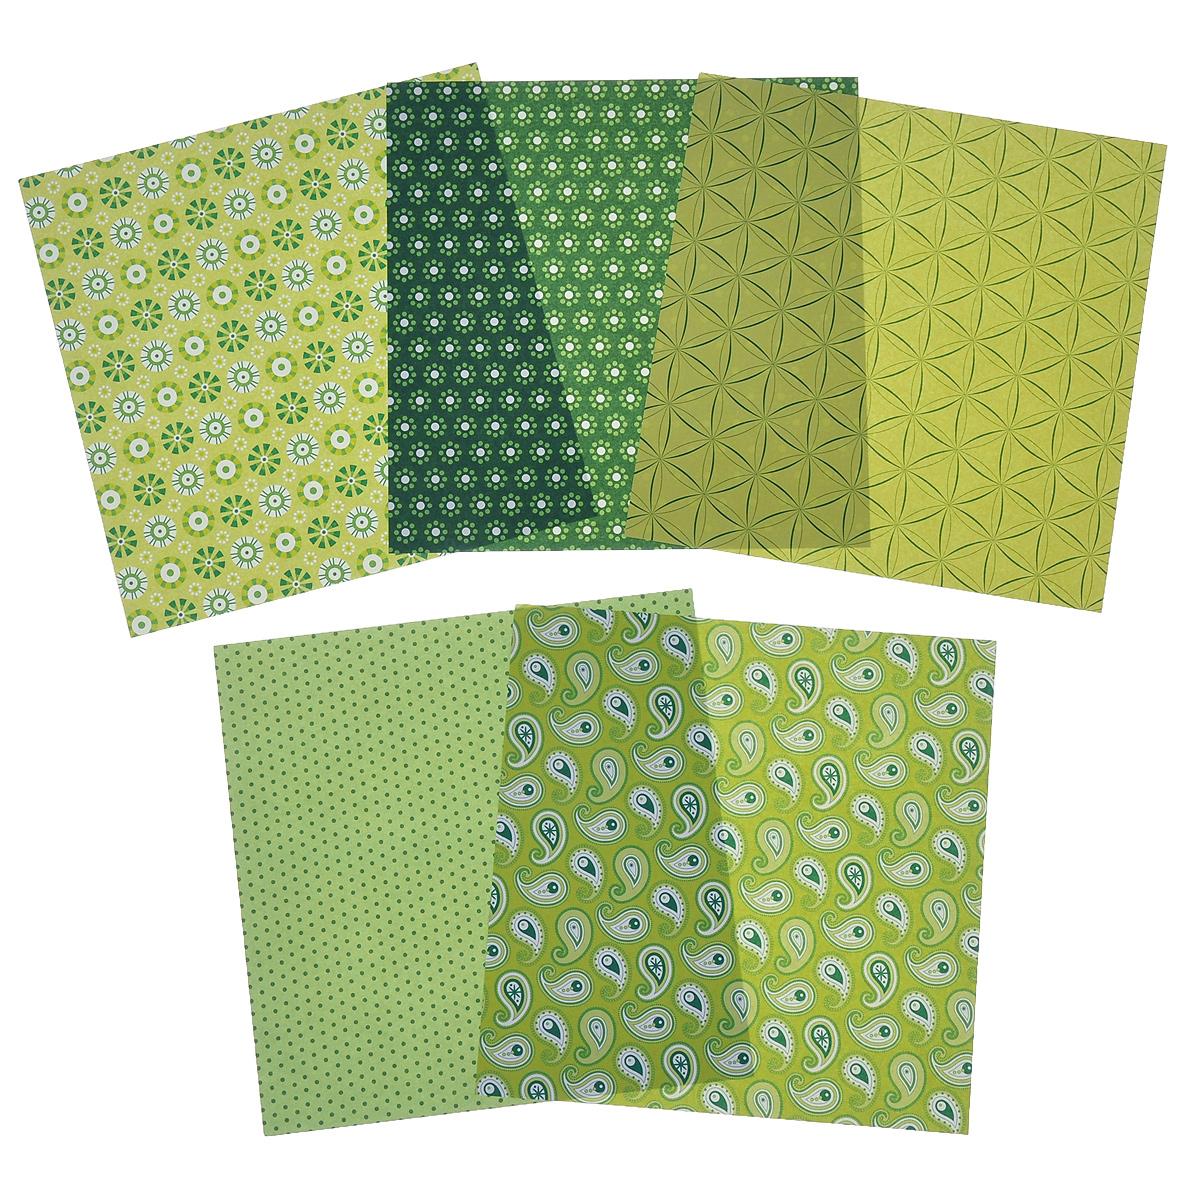 Бумага для оригами Folia, цвет: зеленый, 15 х 15 см, 50 листов бумага папиросная folia 50 см х 70 см 10 листов 7708130